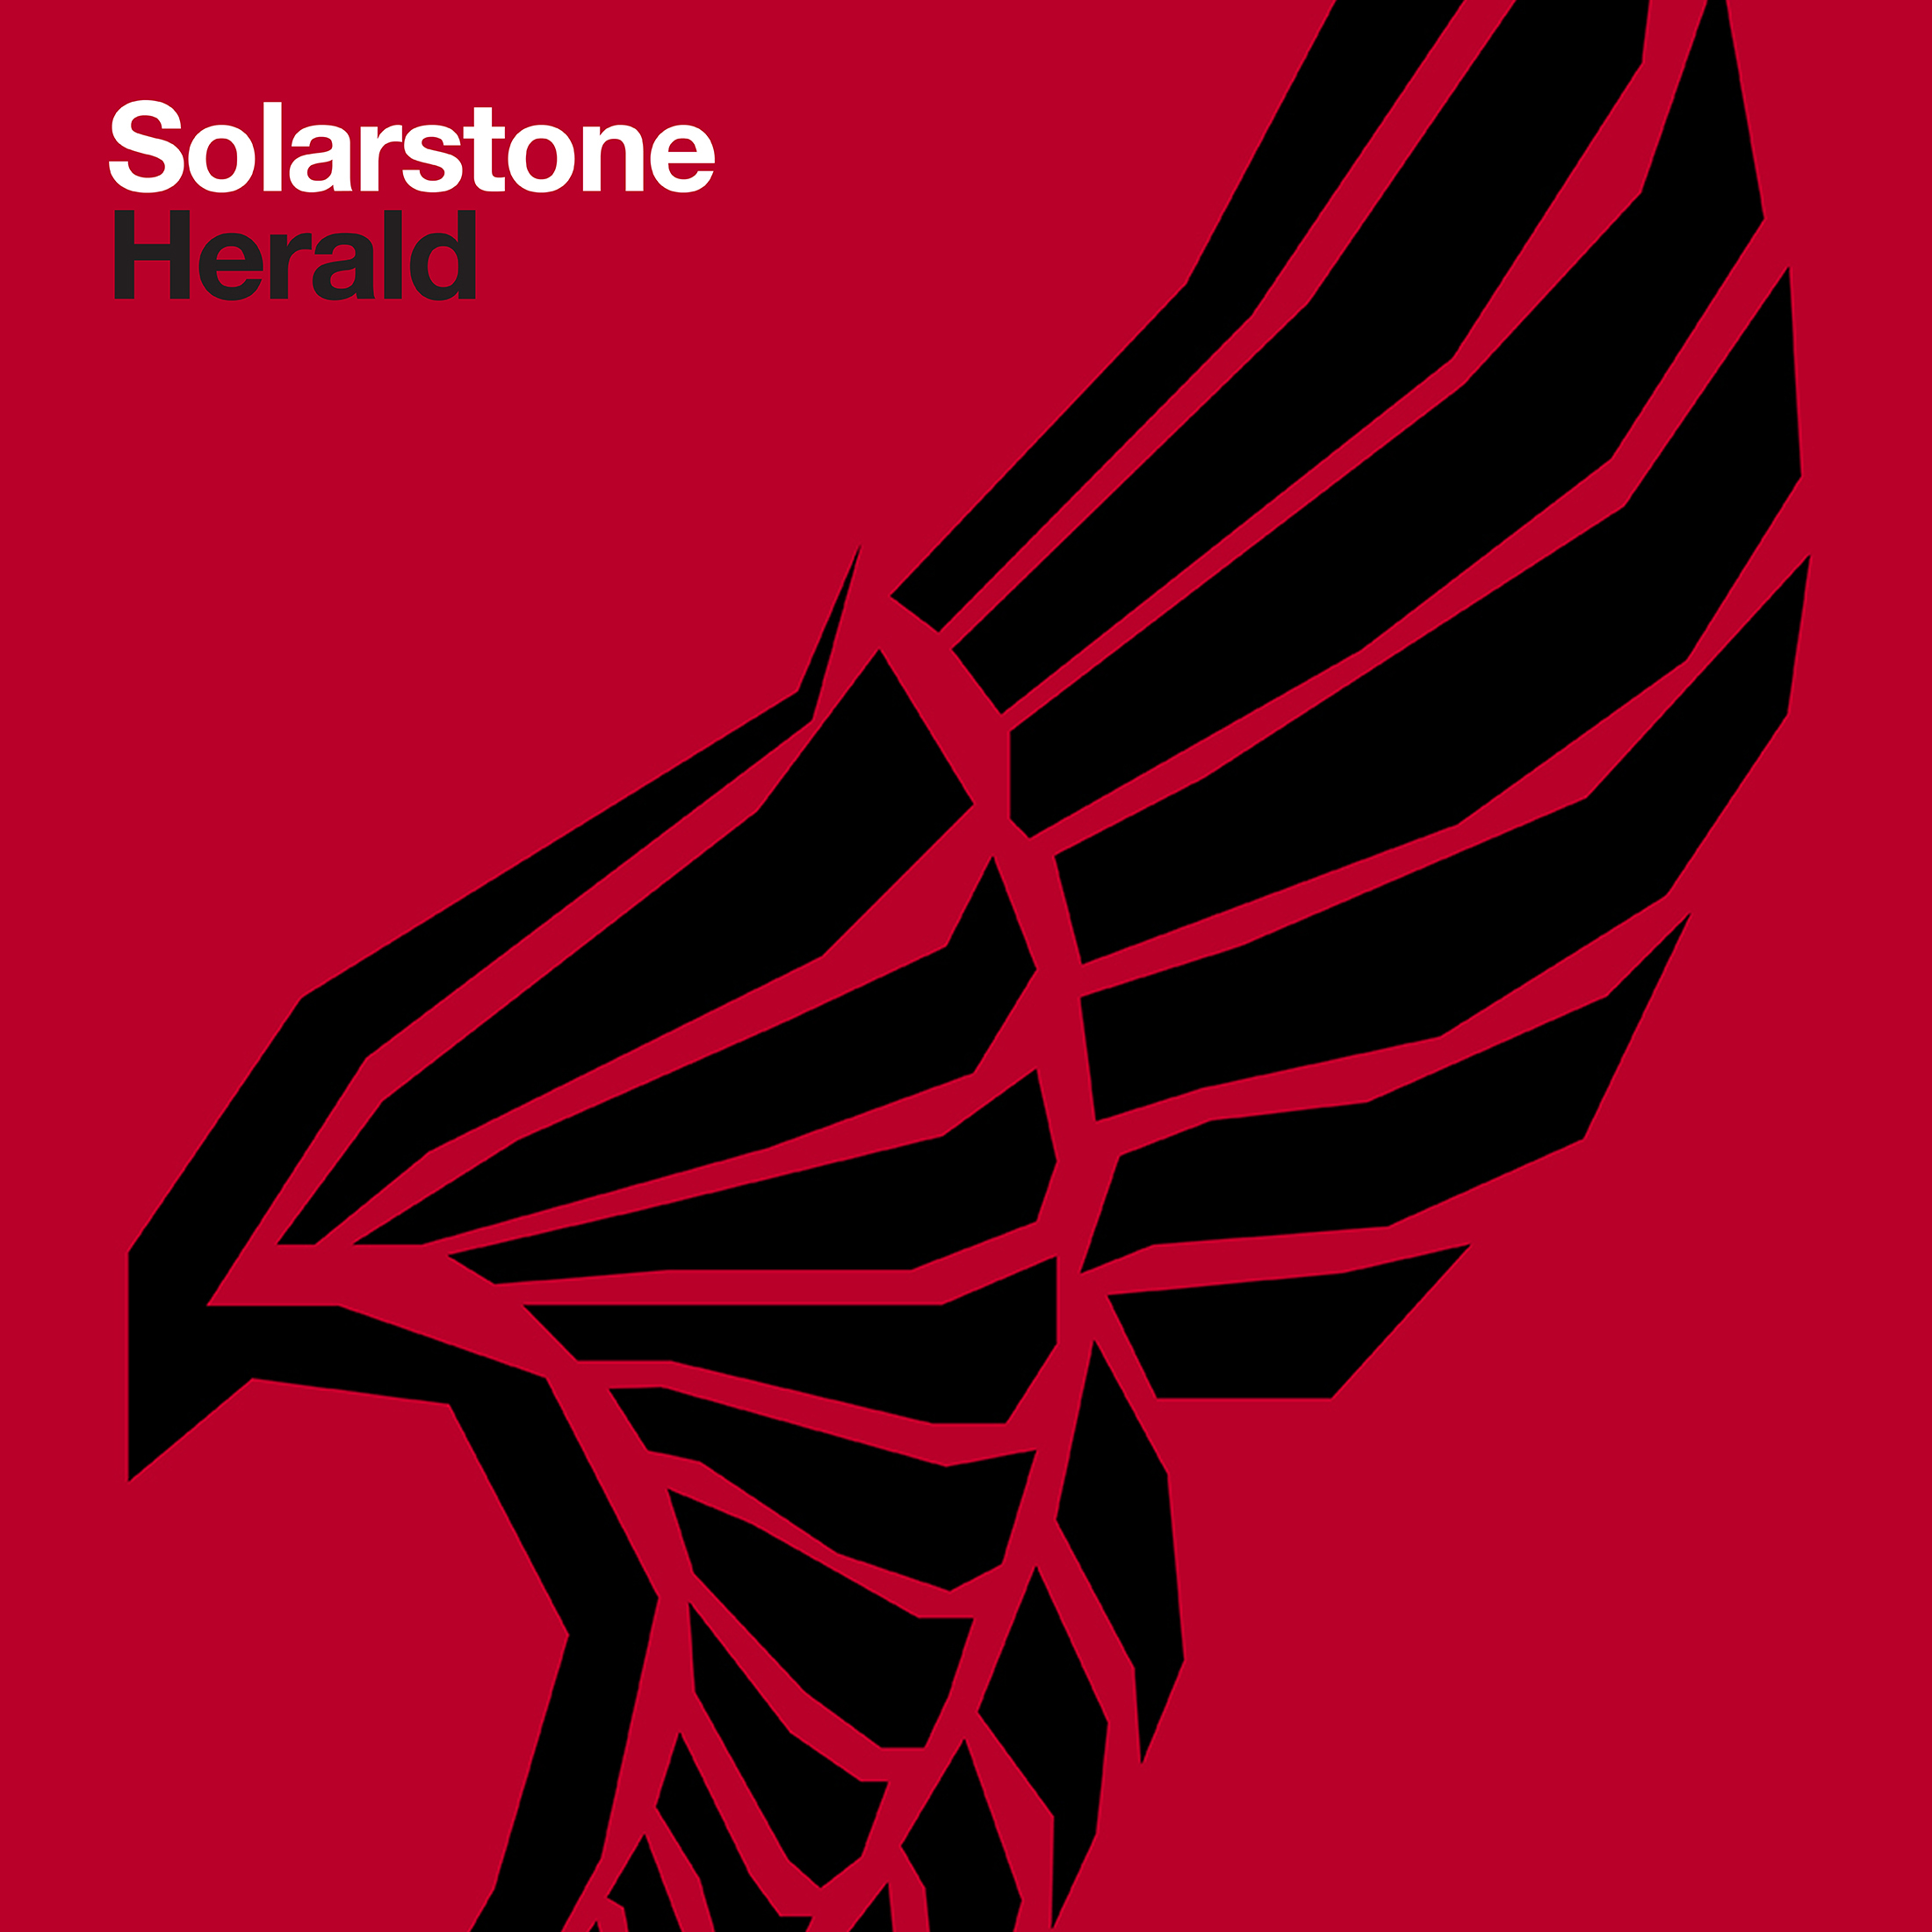 solarstone-herald